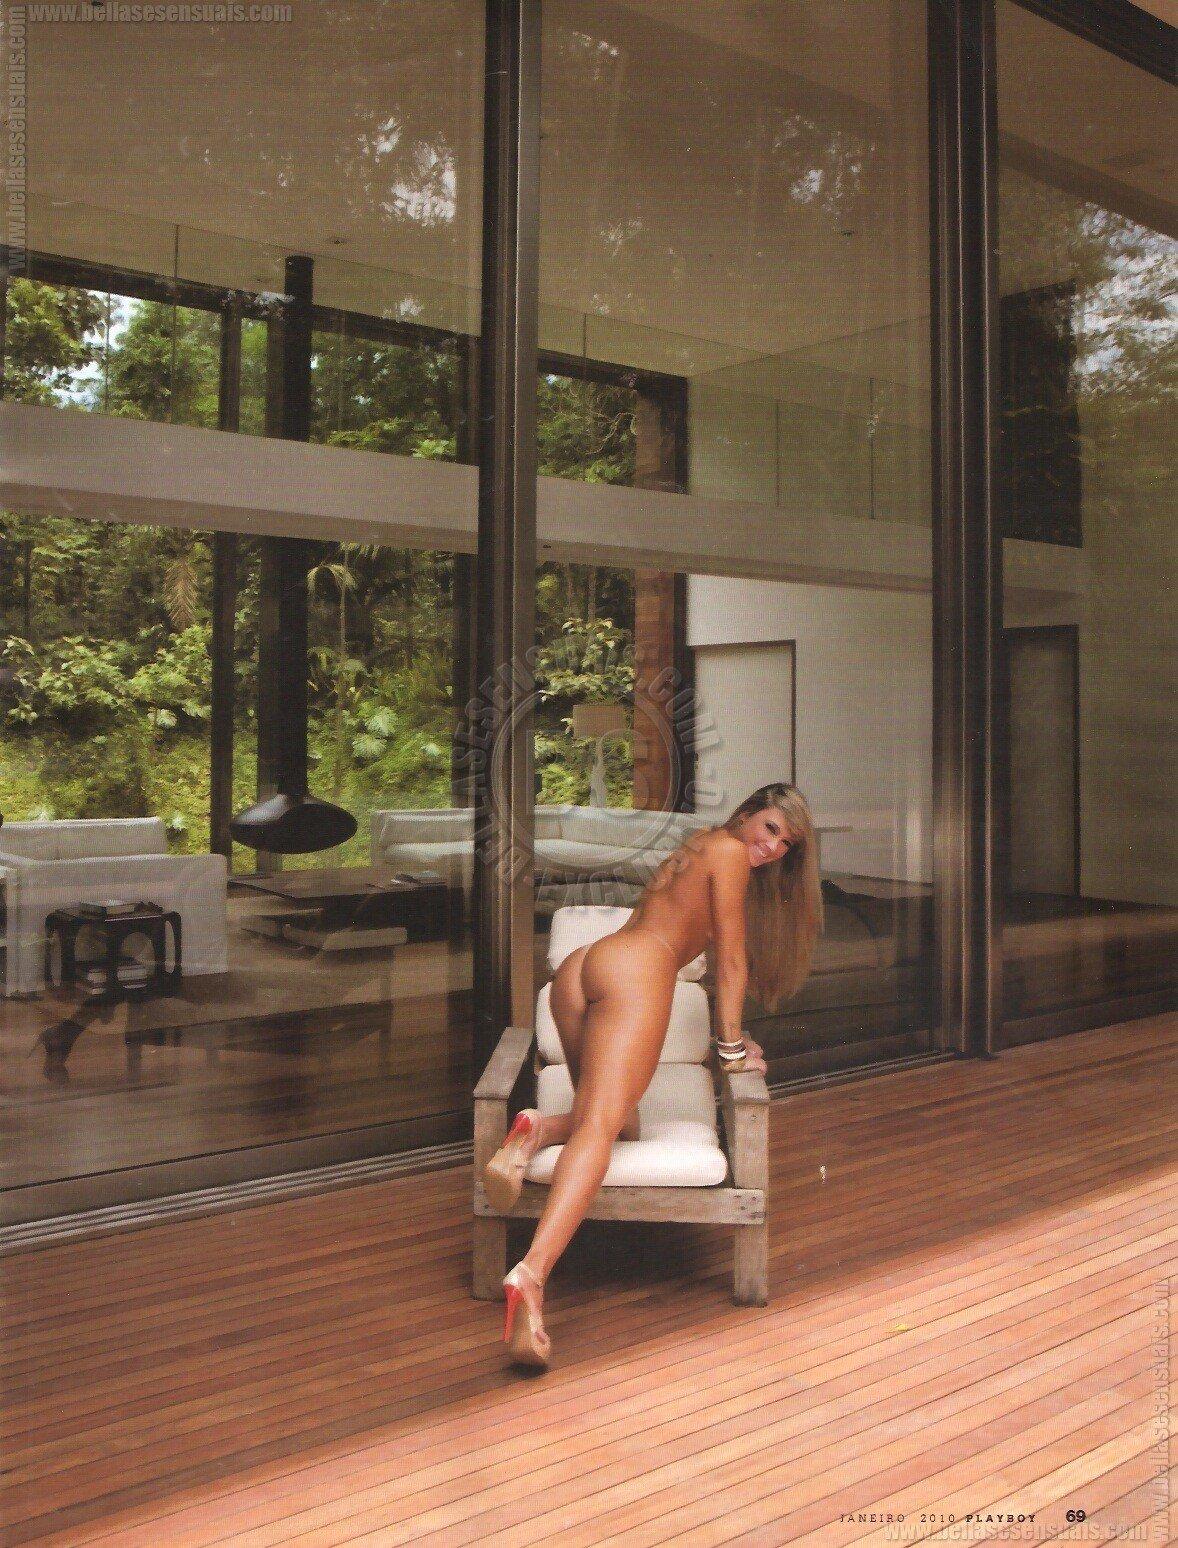 Fotos Playboy Panicat Juju Salimeni Janeiro (5)